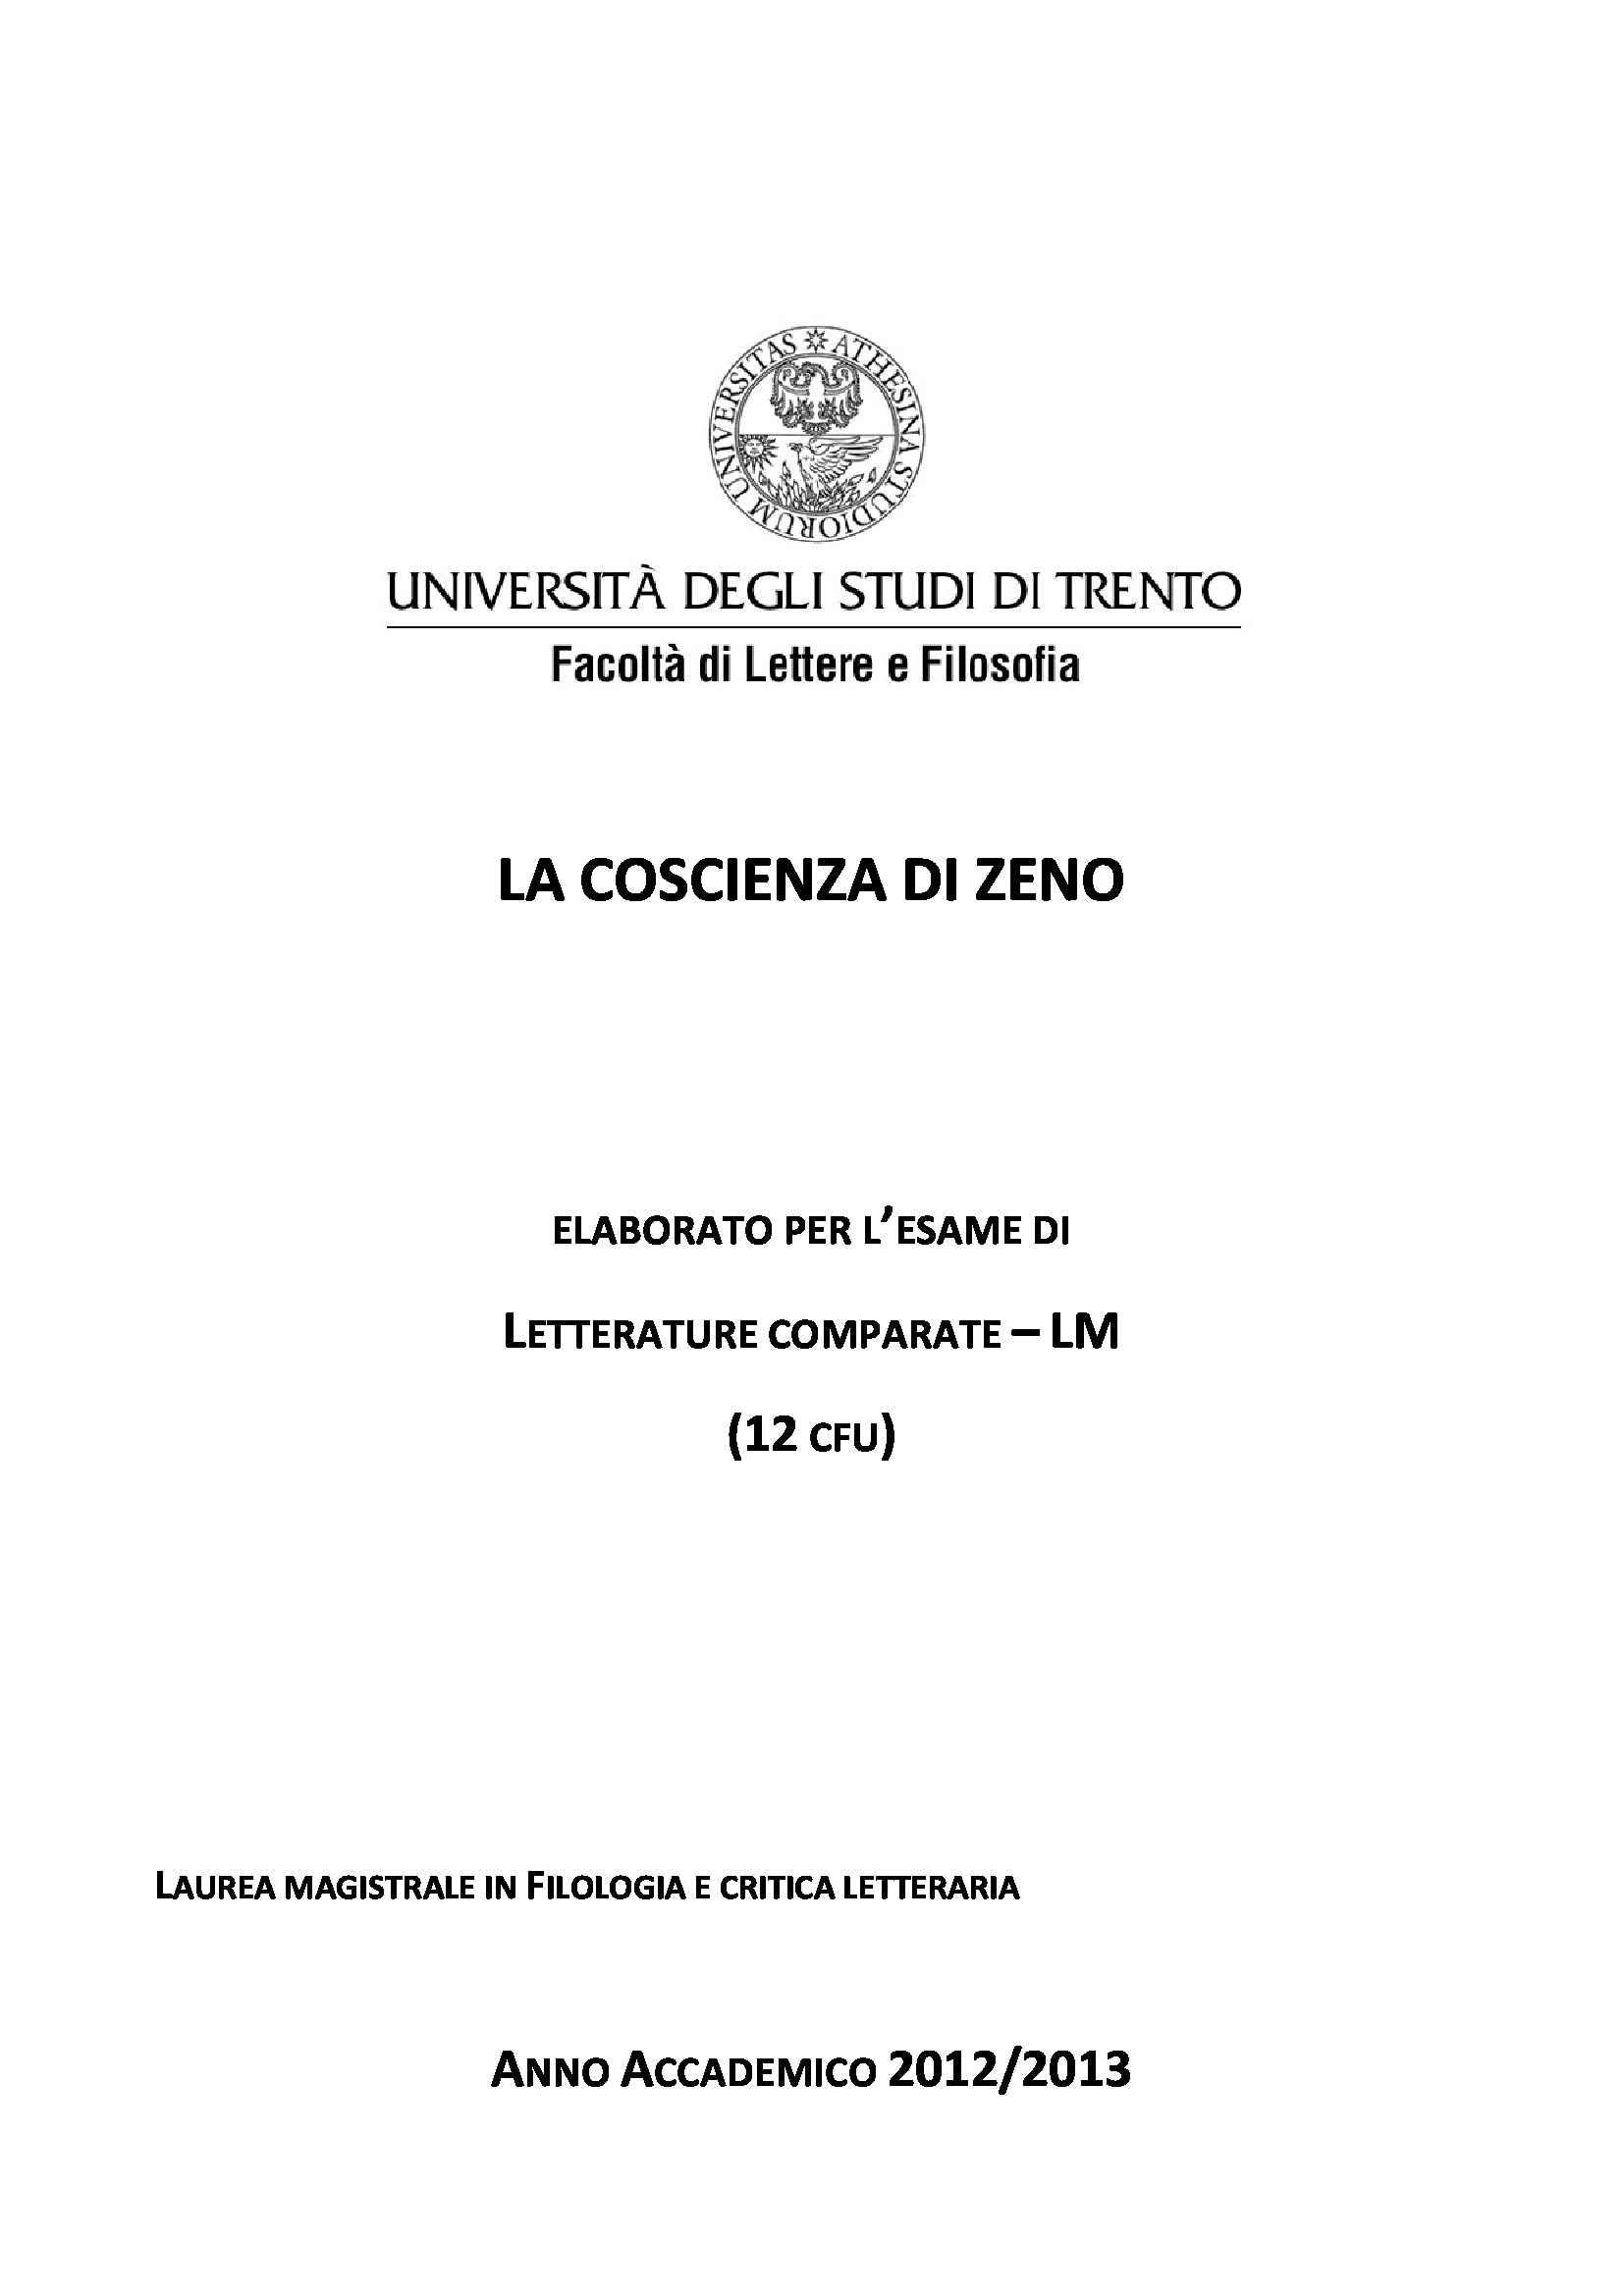 La Coscienza di Zeno, Svevo - Appunti